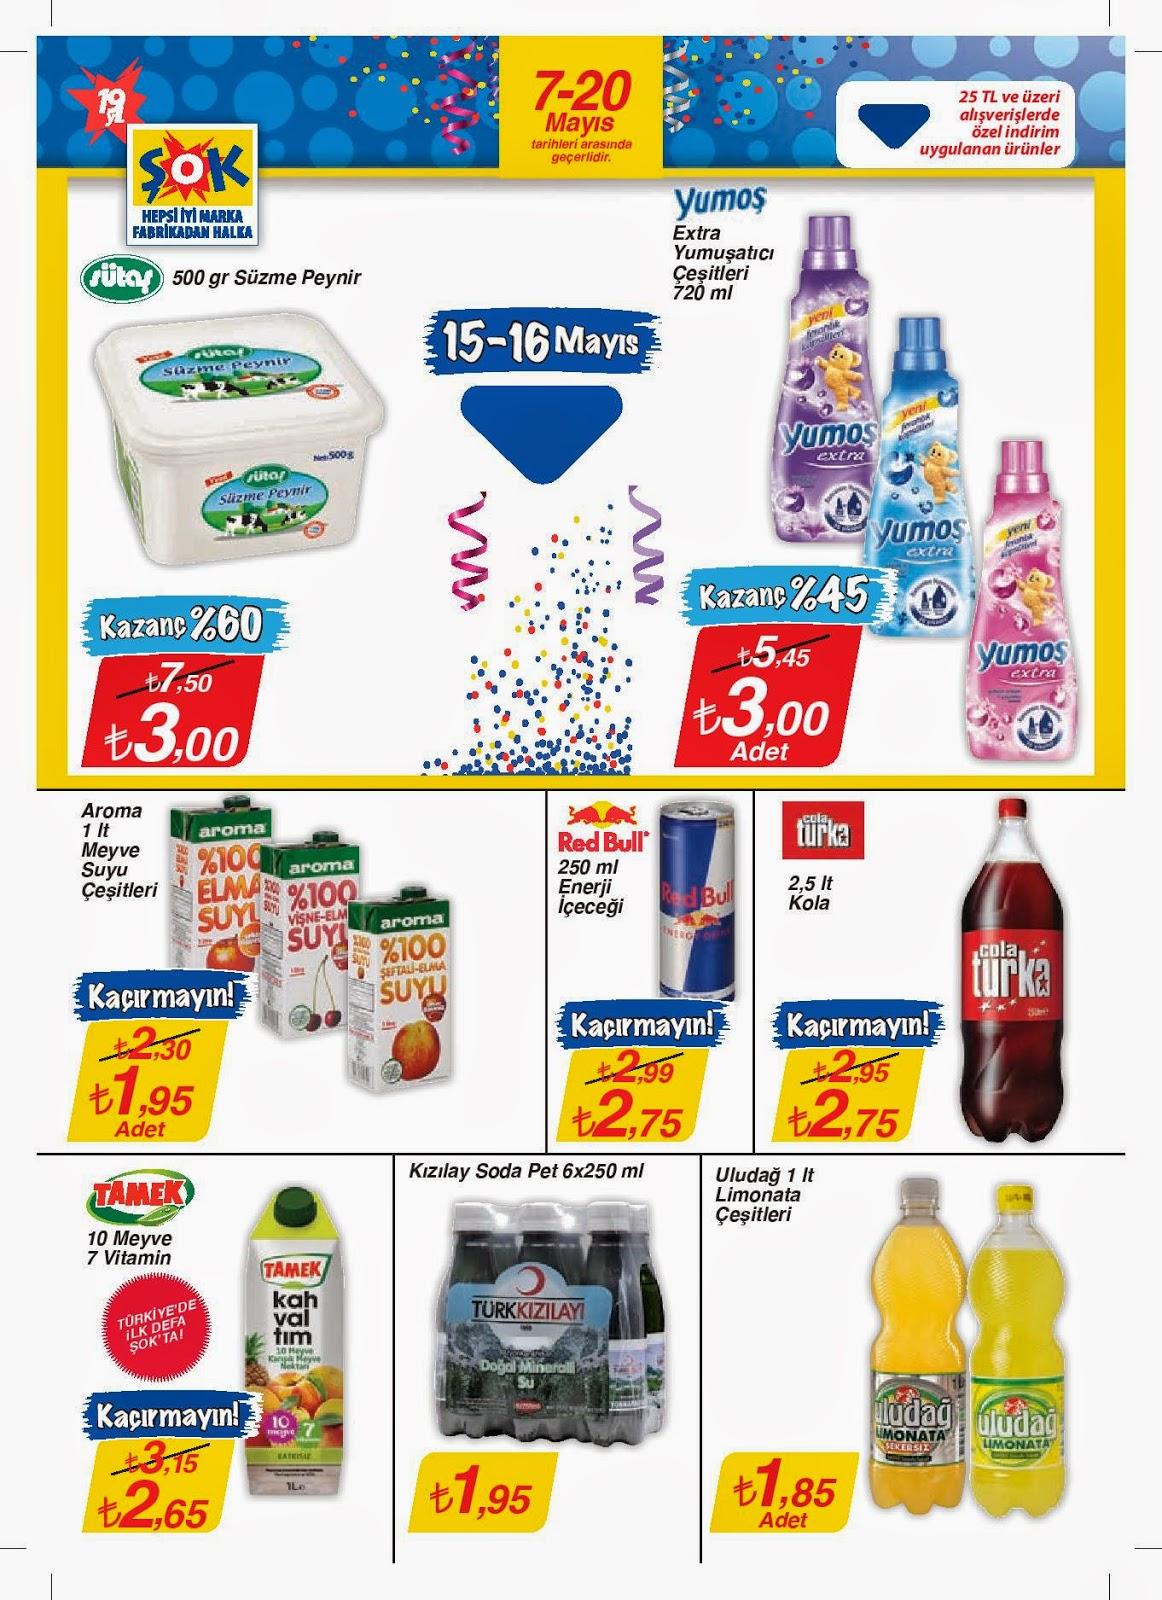 ŞOK Market 7 - 20 Mayıs 2014 tarihlerindeki  Yeni Güncel Broşür,İndirim Katalog,ŞOK Market Gelecek Haftanın Fırsatları  7 - 20 Mayıs 2014 ,ŞOK Marketler Zincirinde gıda maddeleri, süt ve süt ürünleri, konserve, alkolsüz içecekler, et ve et ürünleri, meyve suları ve diğer gıda ve gıda dışı ürünlere ait yeni ve süper düşük fiyatlar.ŞOK Market aktüel ürünler  7 - 20 Mayıs 2014  tarihleri arasında geçerlidir.